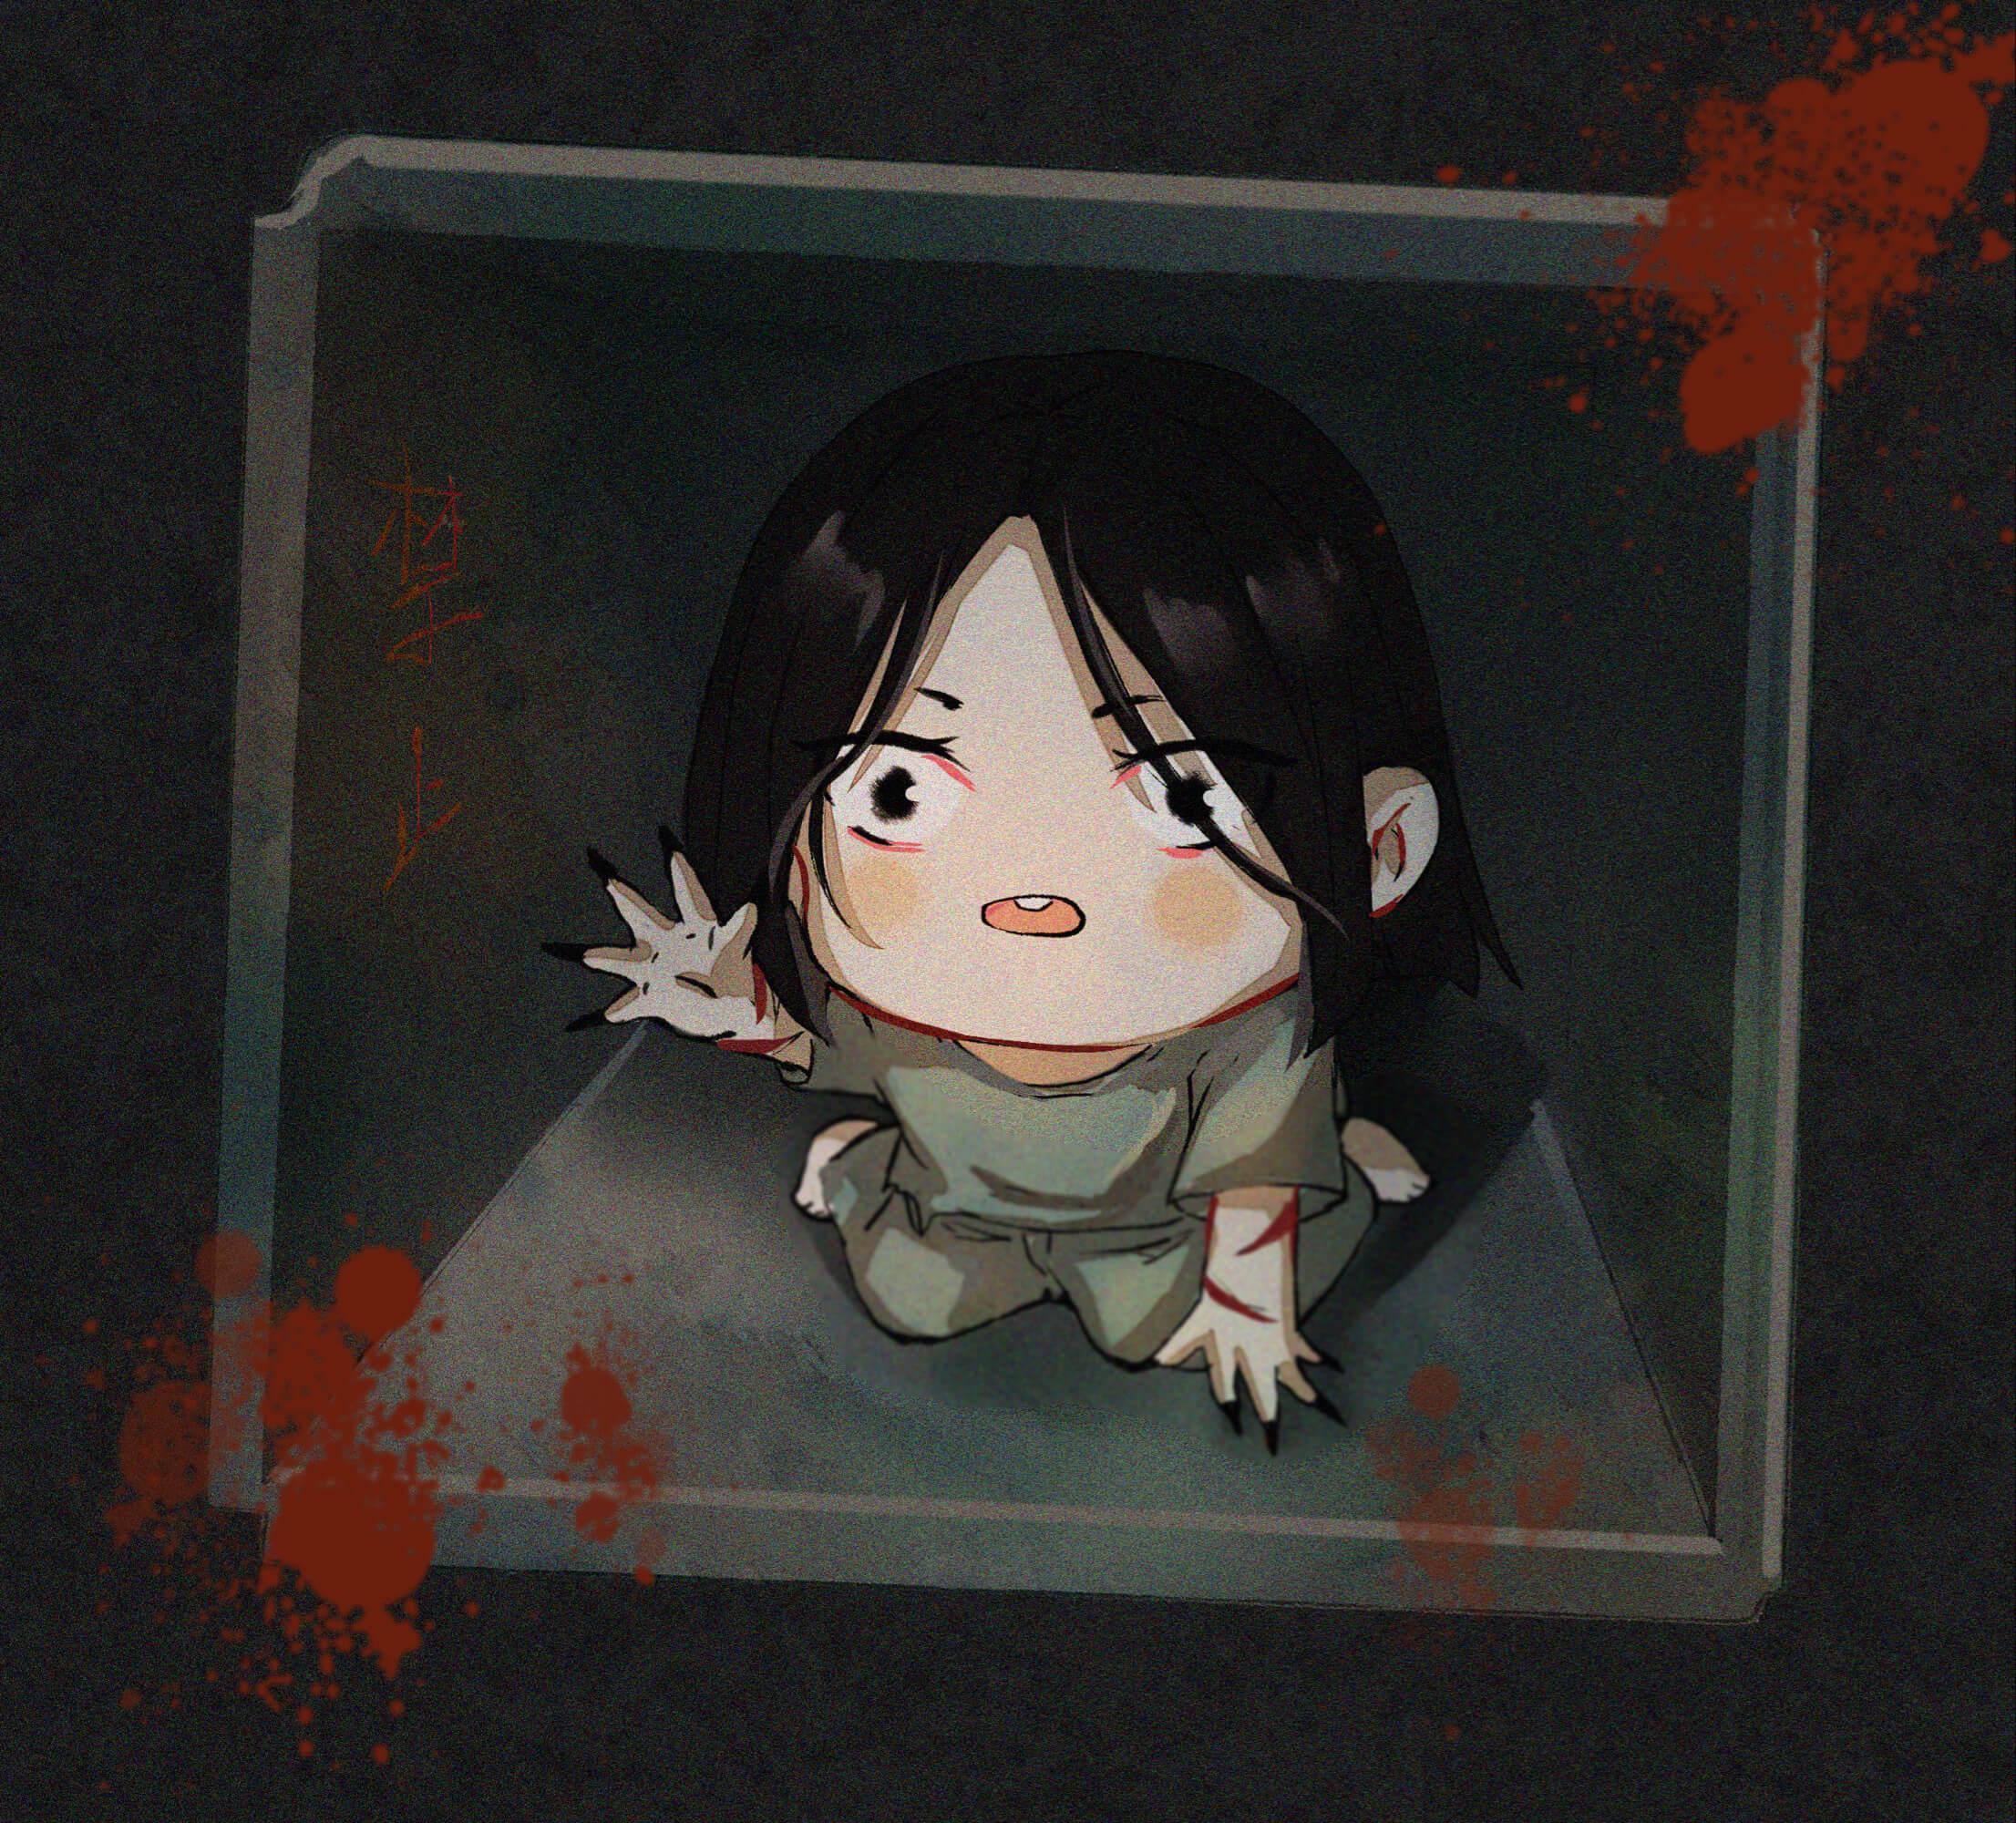 【同人插画】《重启之极海听雷》 朱一龙 q版 同人插画-第1张